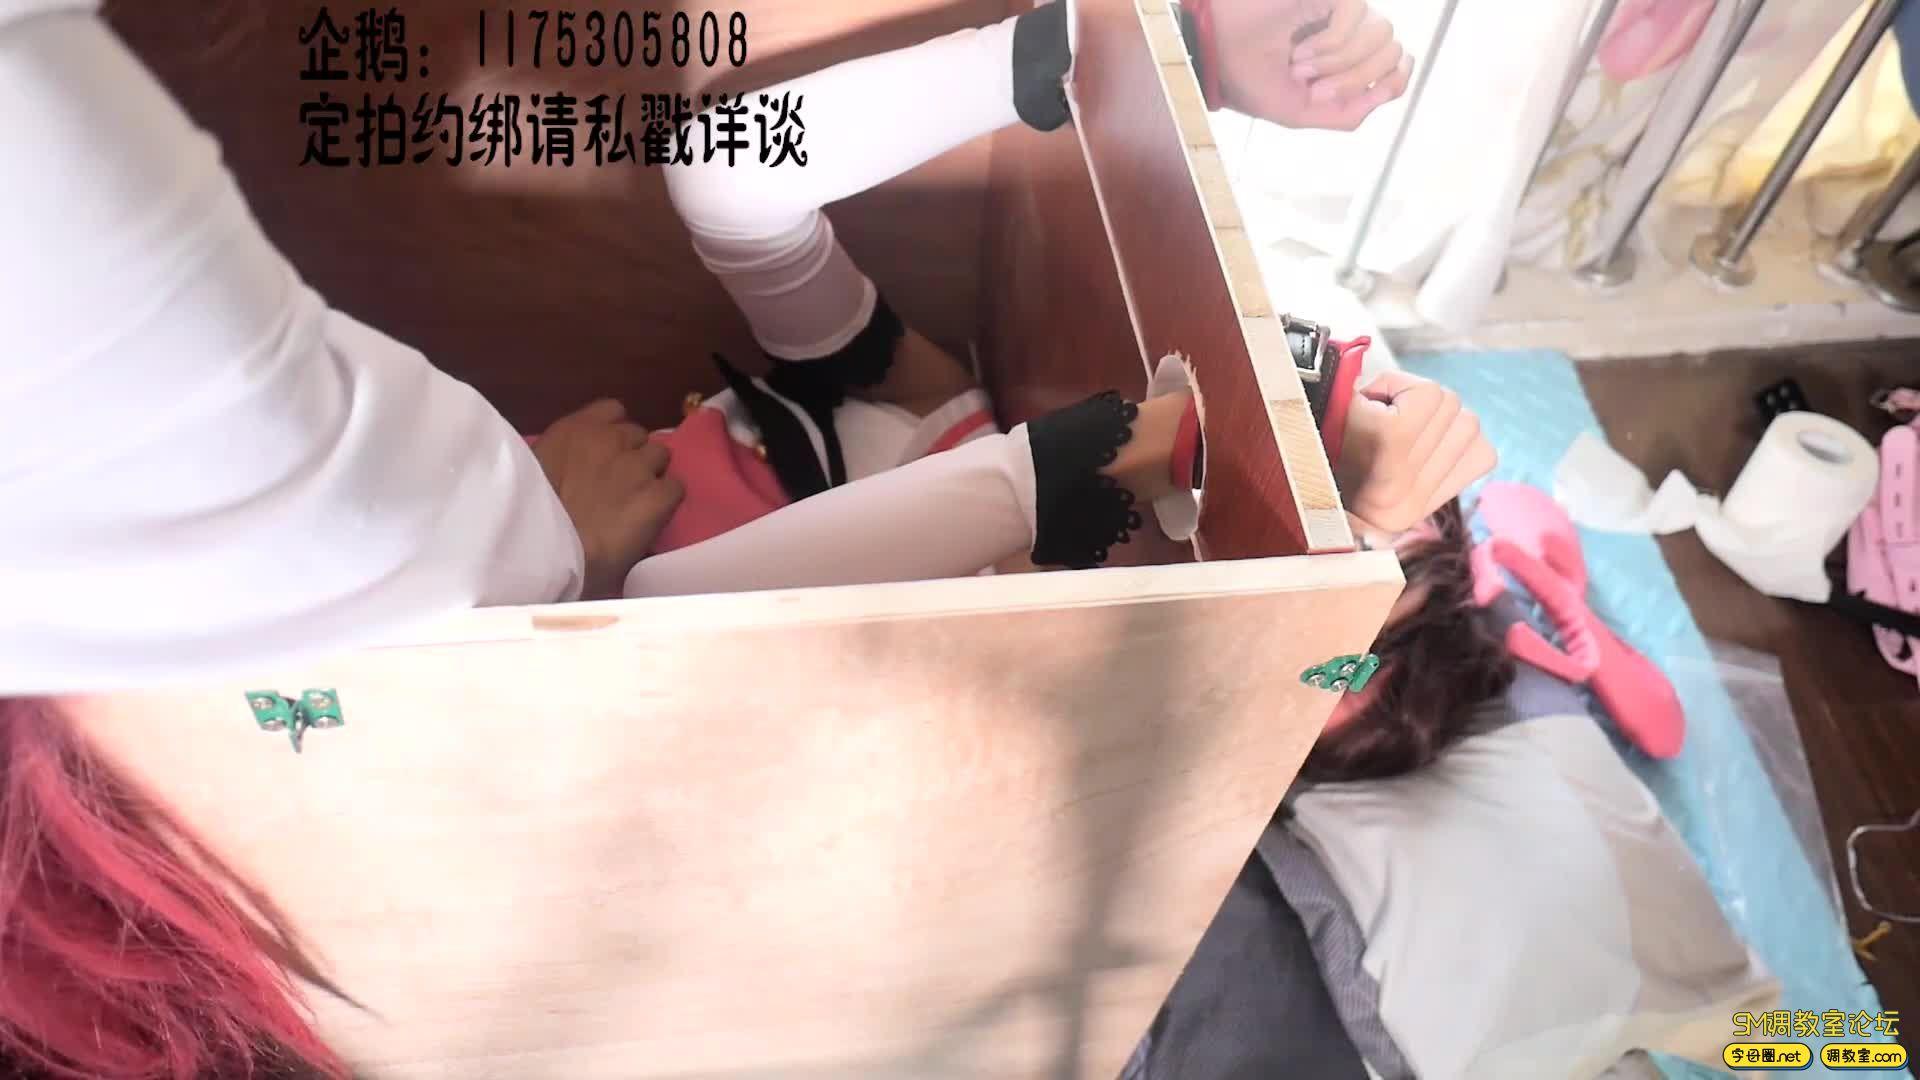 【莉雅的紧缚实验】拘束箱初次登场 五河琴里X绊爱 COSPLAY-视频截图2